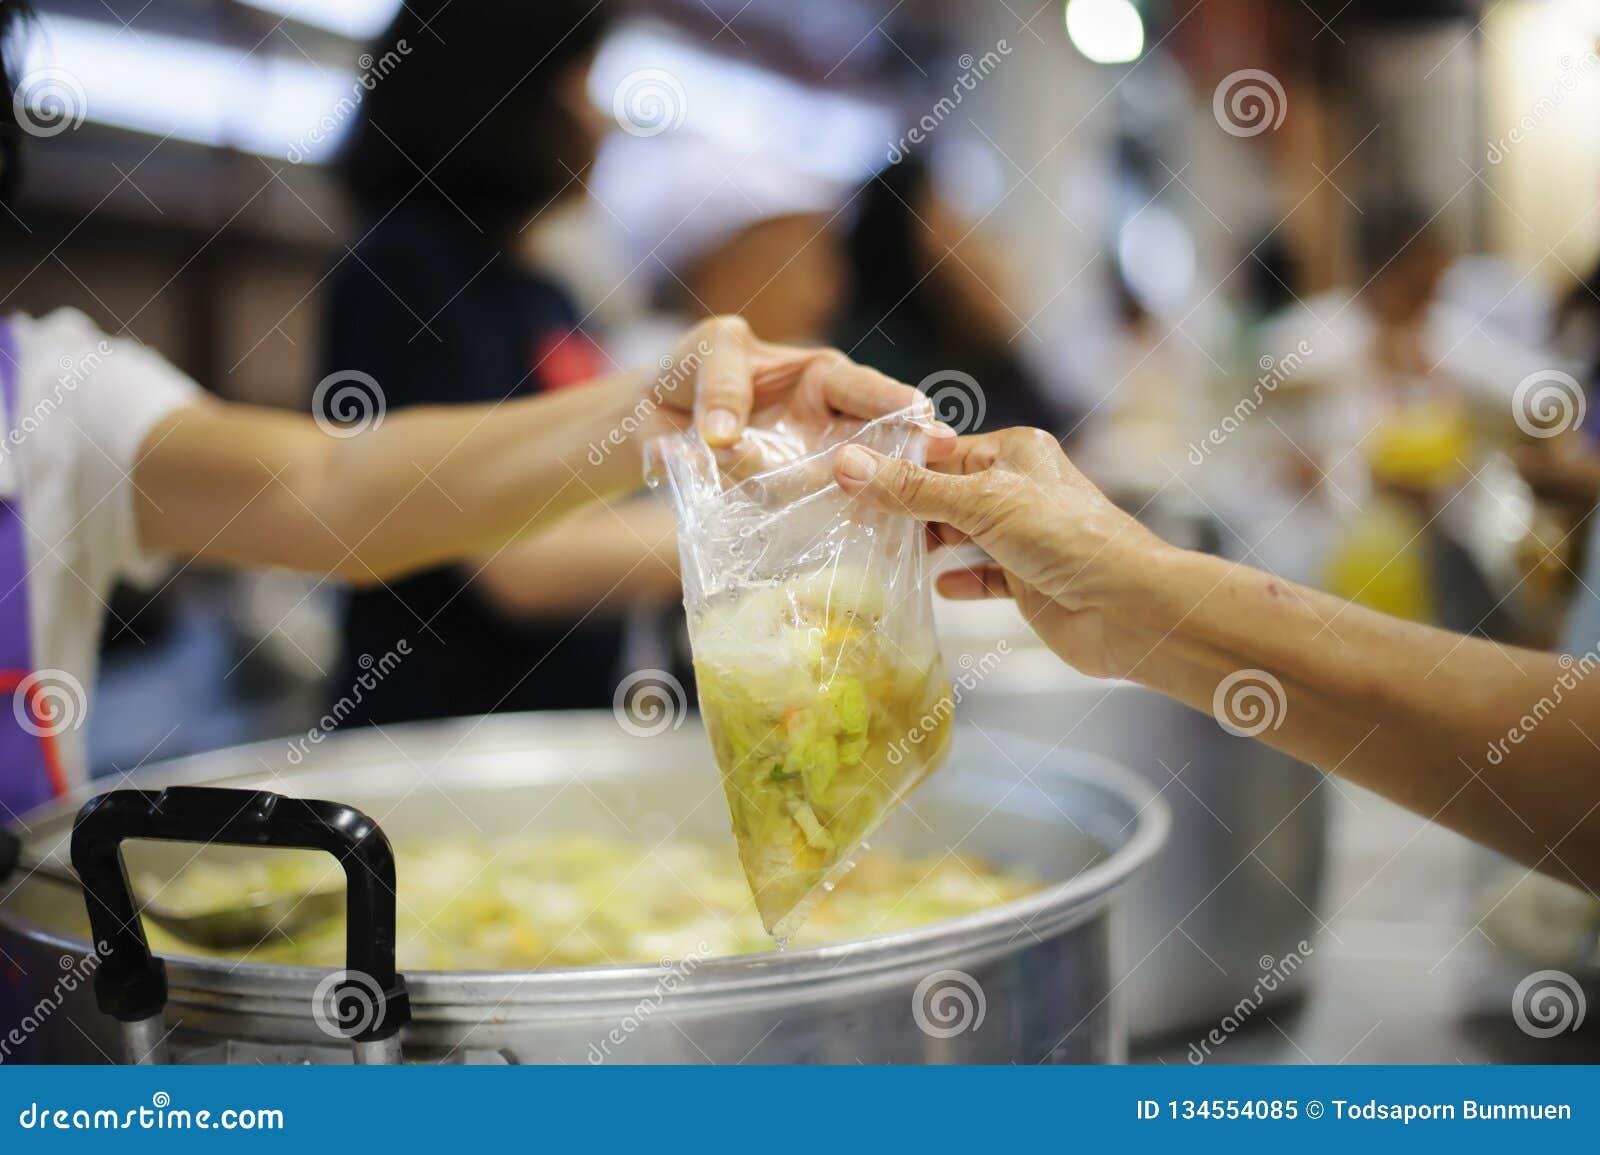 As mãos dos pobres estão esperando doações do alimento para aliviar a fome: conceito da alimentação